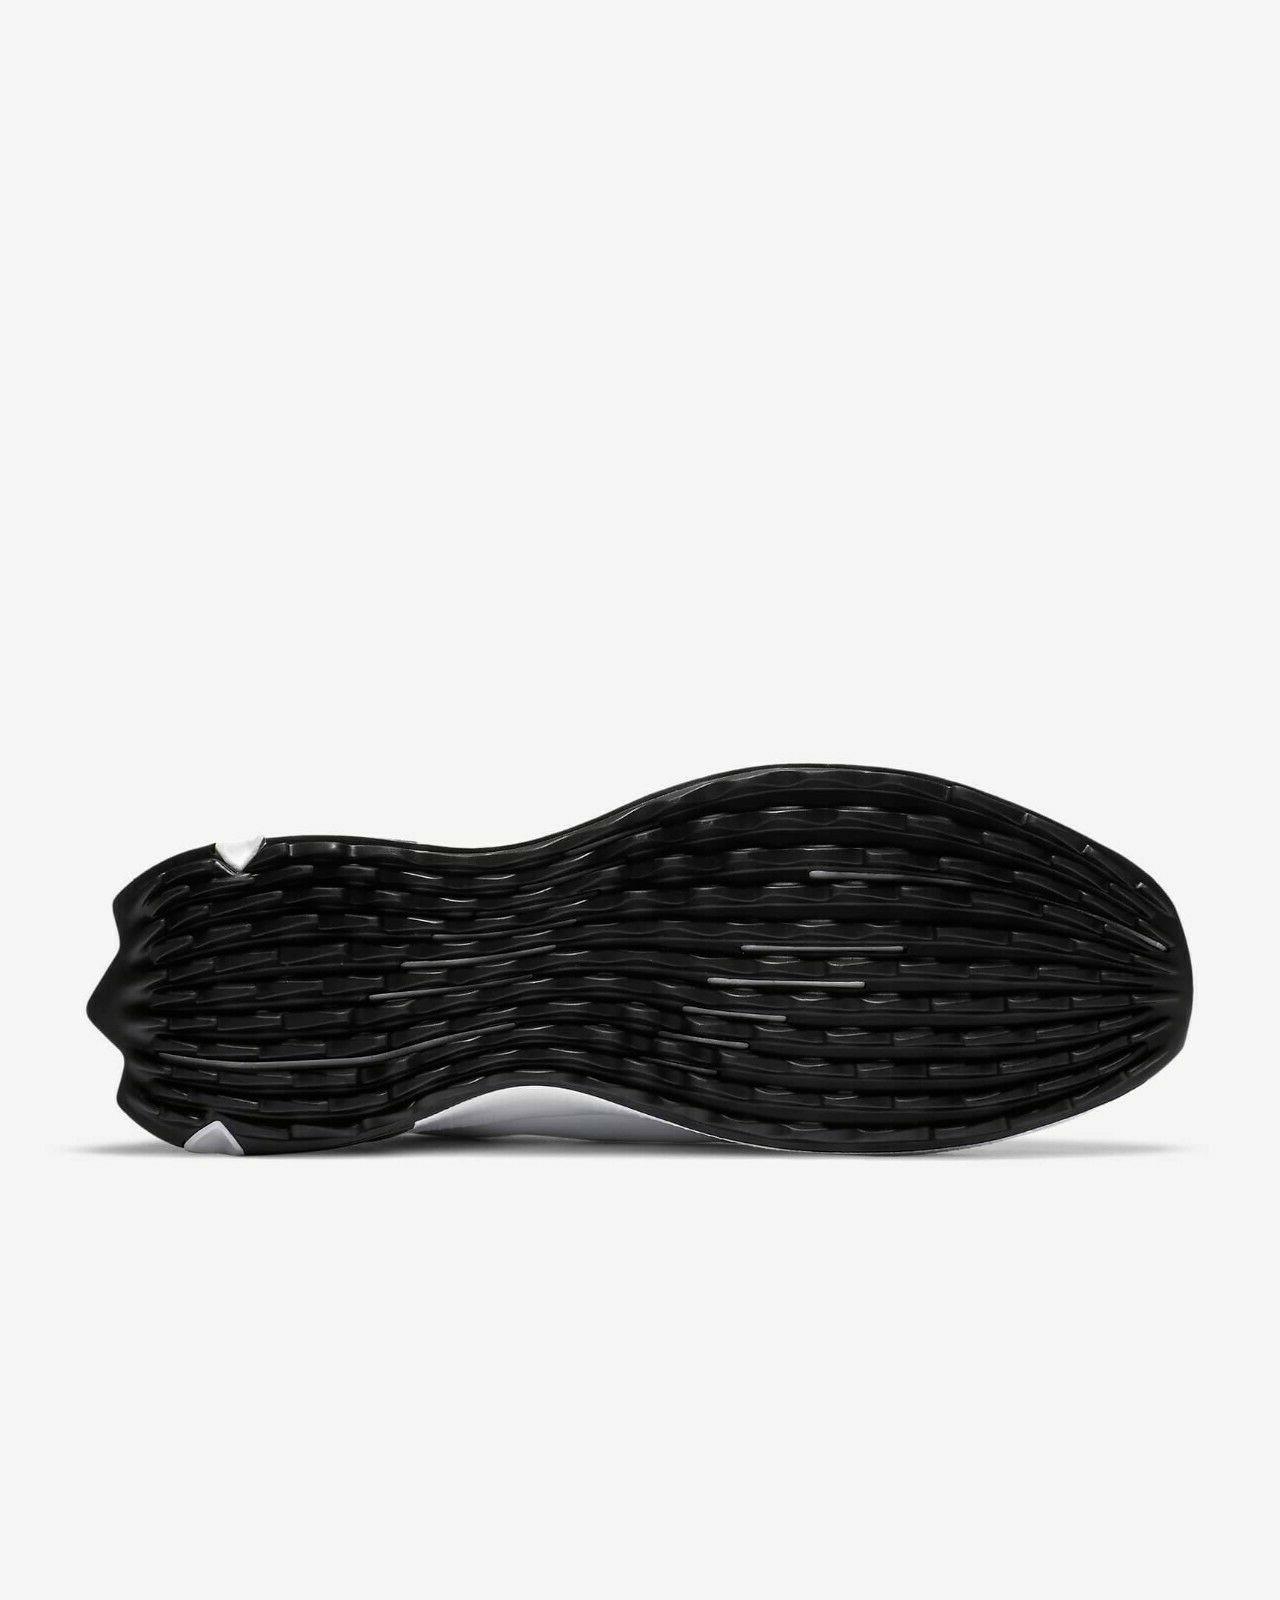 Jordan ADG Golf Shoes CT7812-100